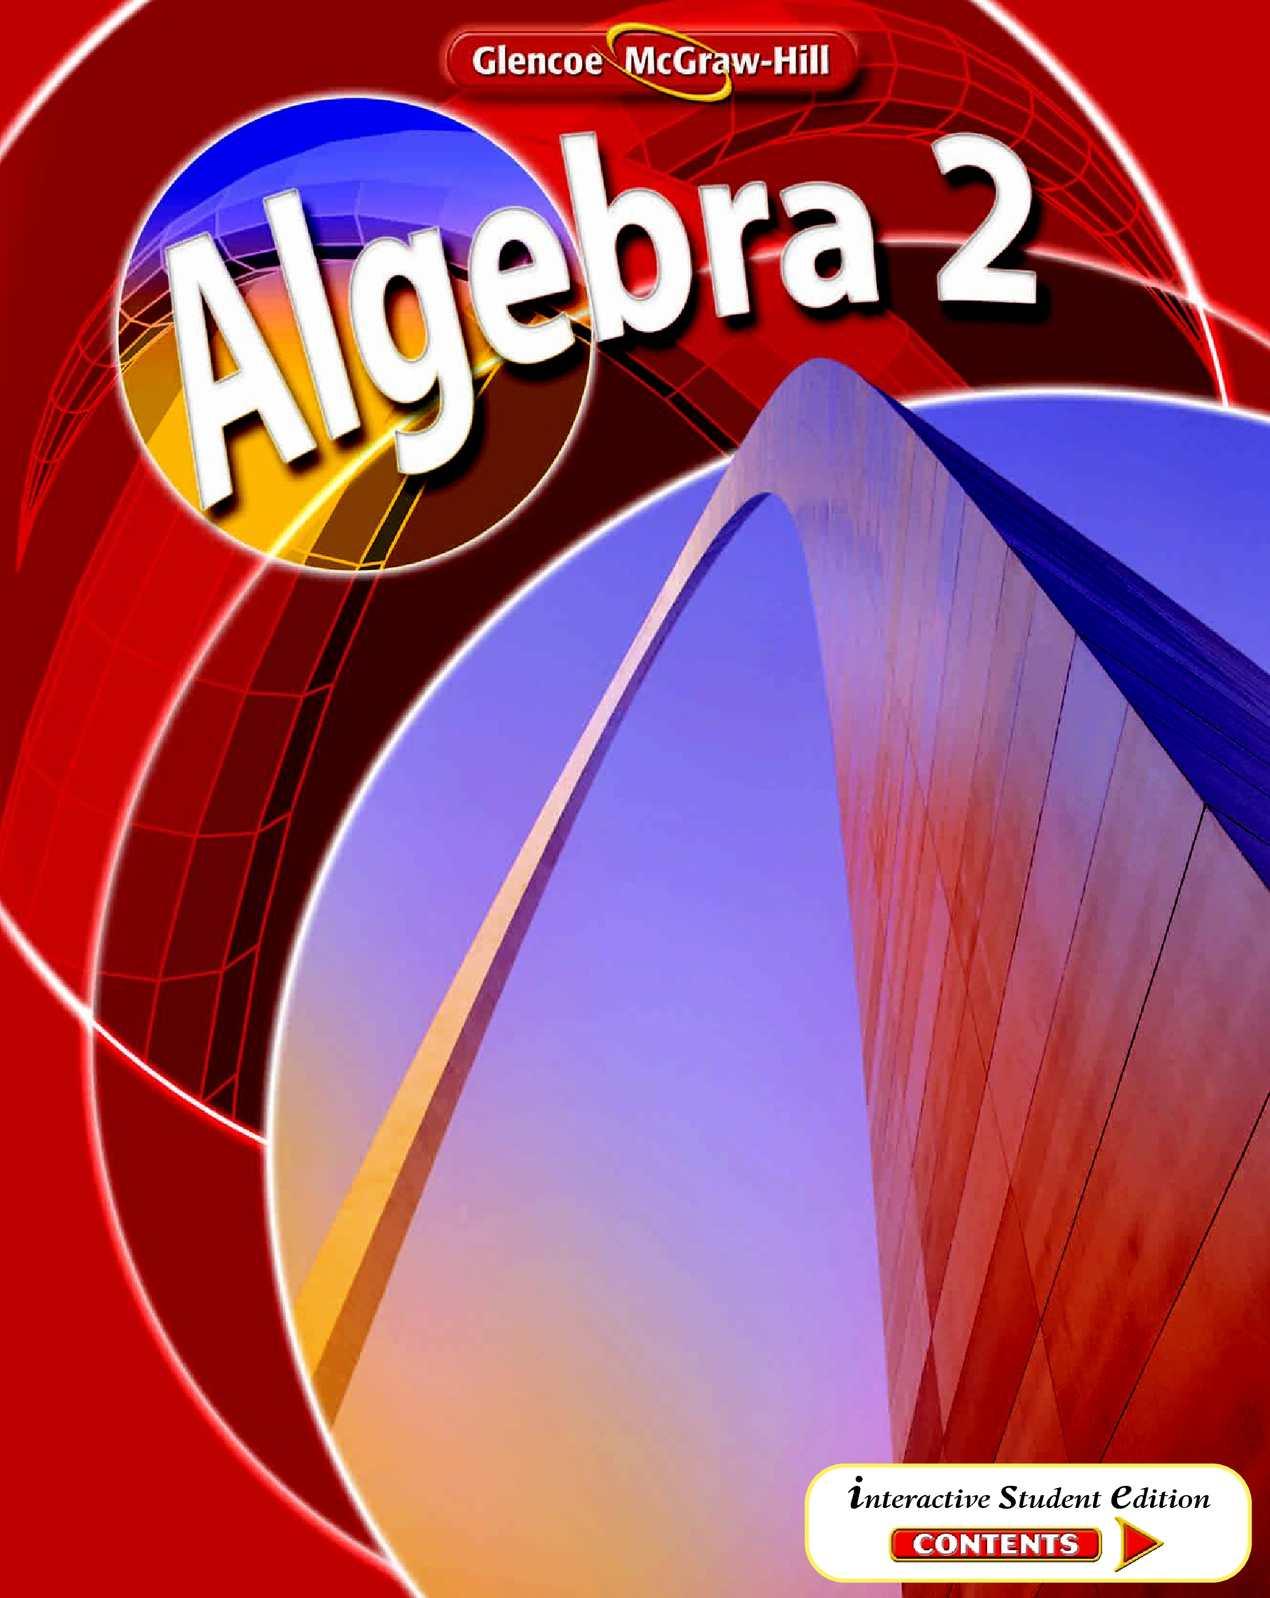 Worksheet Glencoe Mcgraw Hill Algebra 1 Worksheet Answers